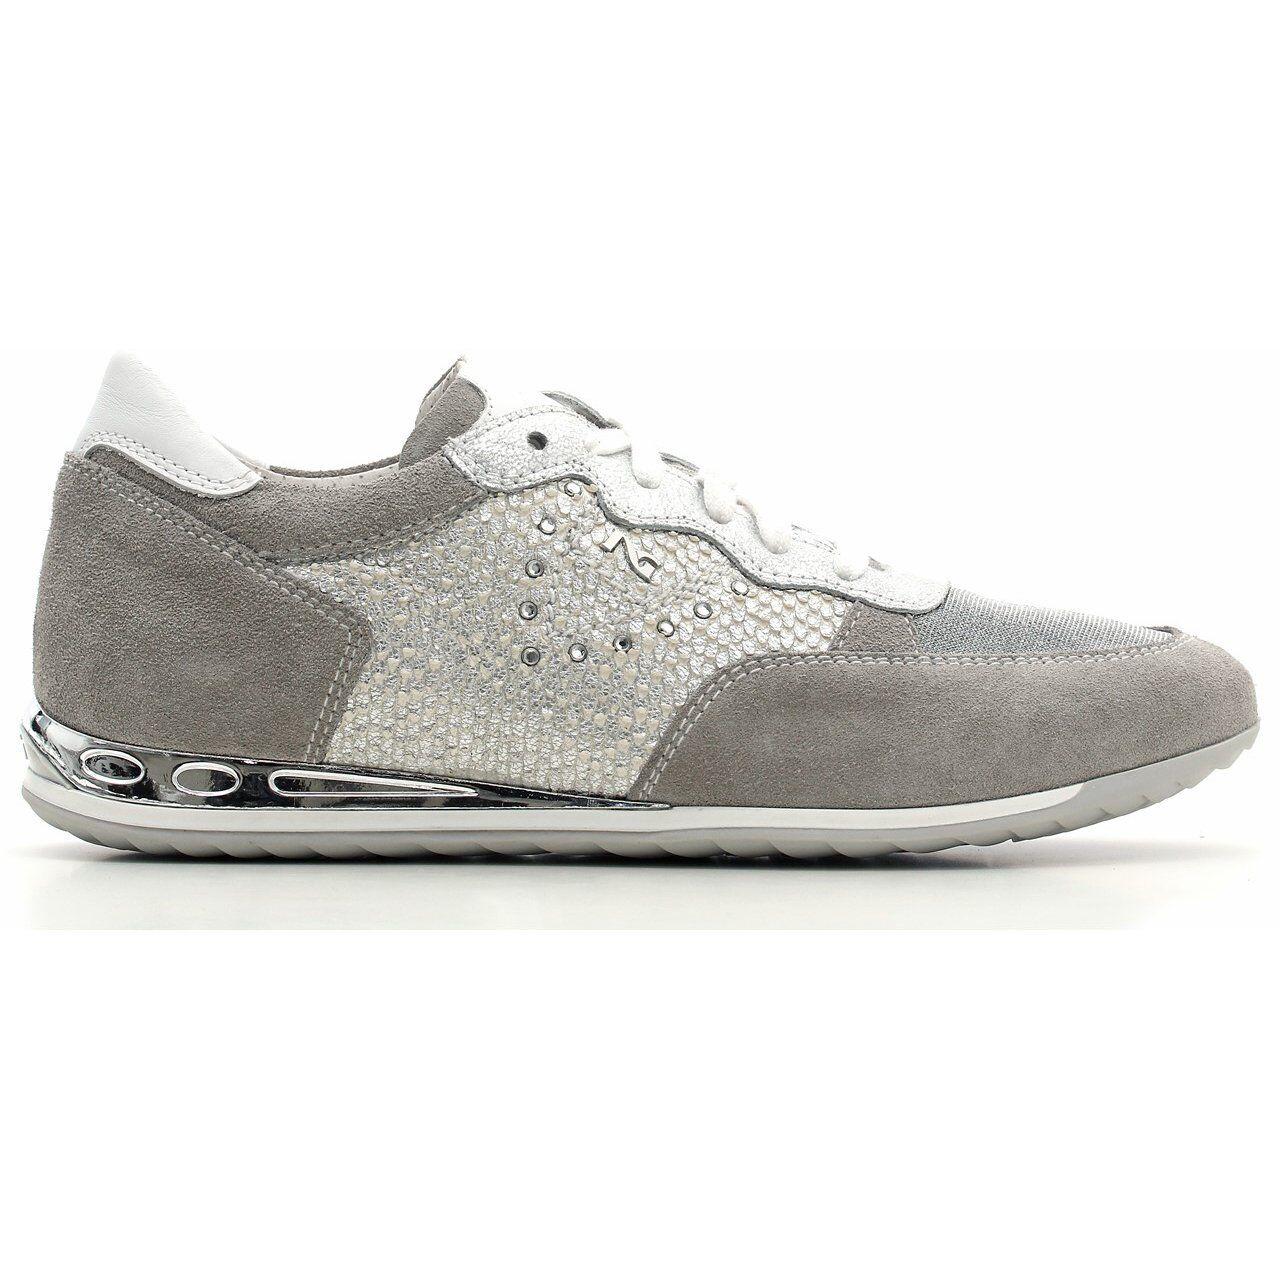 Gran descuento Descuento por tiempo limitado Sneakers-scarpa sportiva NeroGiardini nuova collezione P615081D SOLO 40